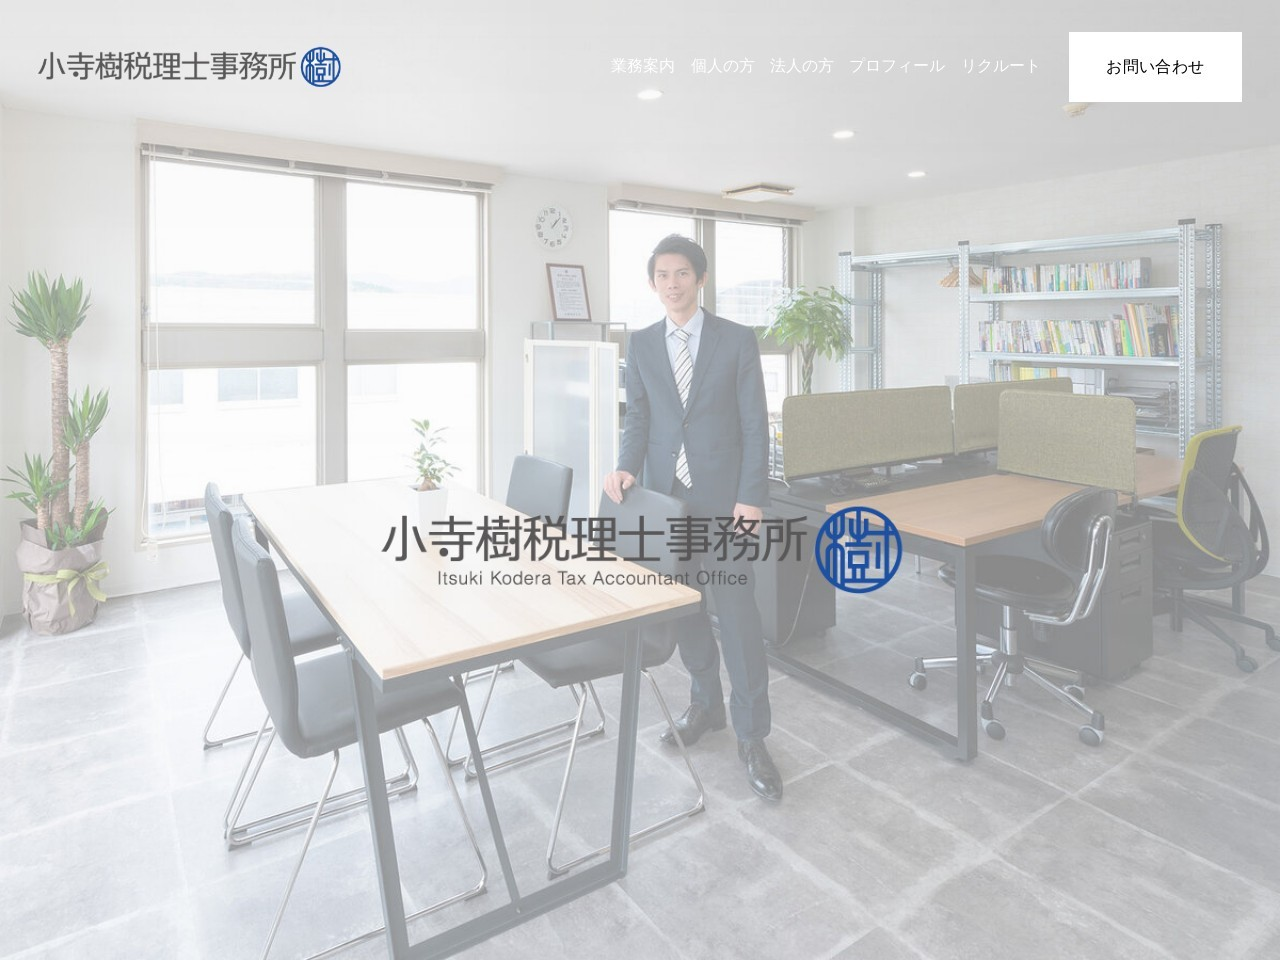 小寺樹税理士事務所